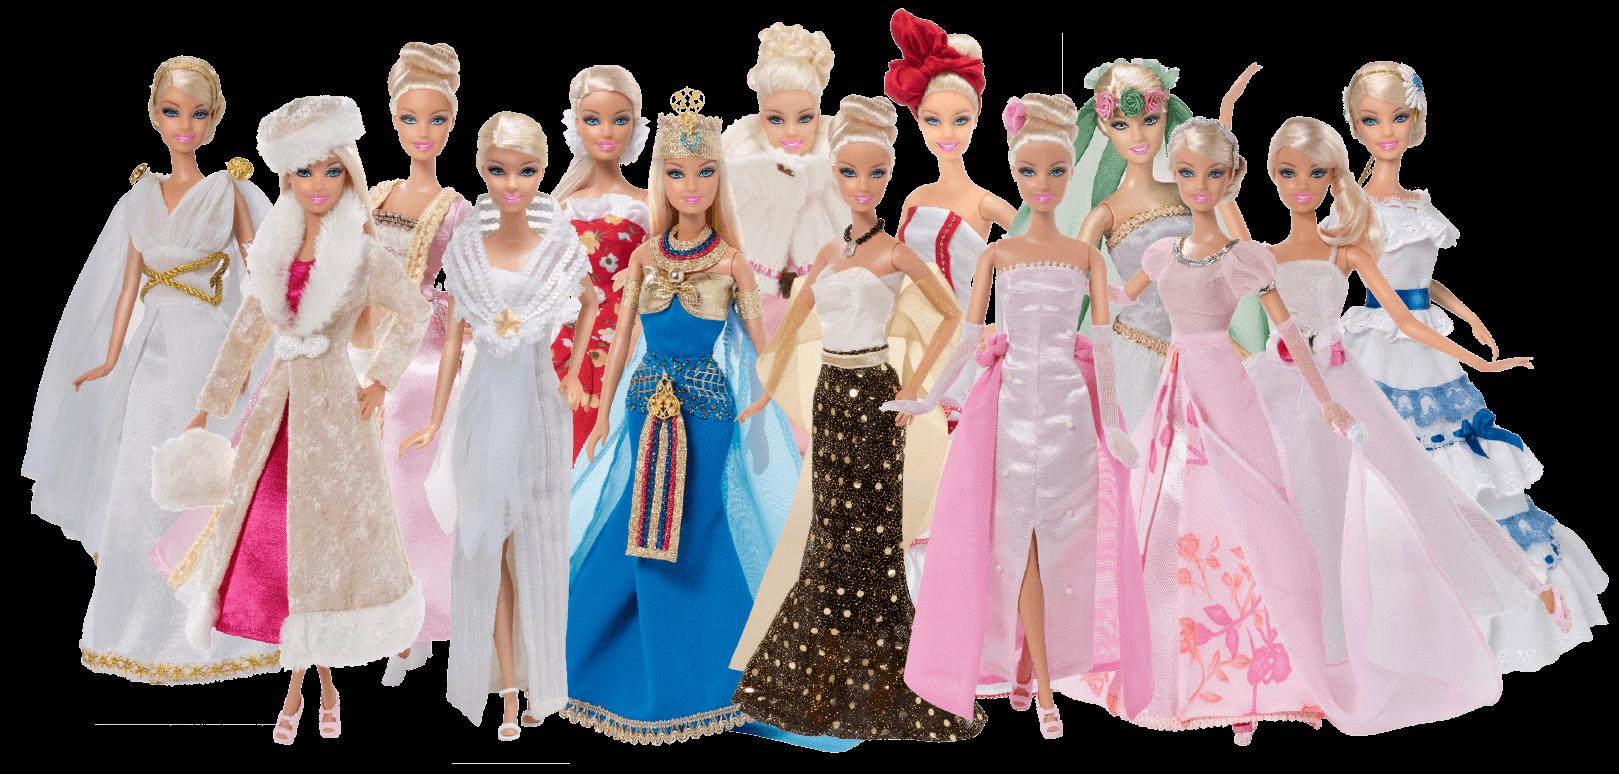 barbie vestidos del mundo - Pesquisa Google